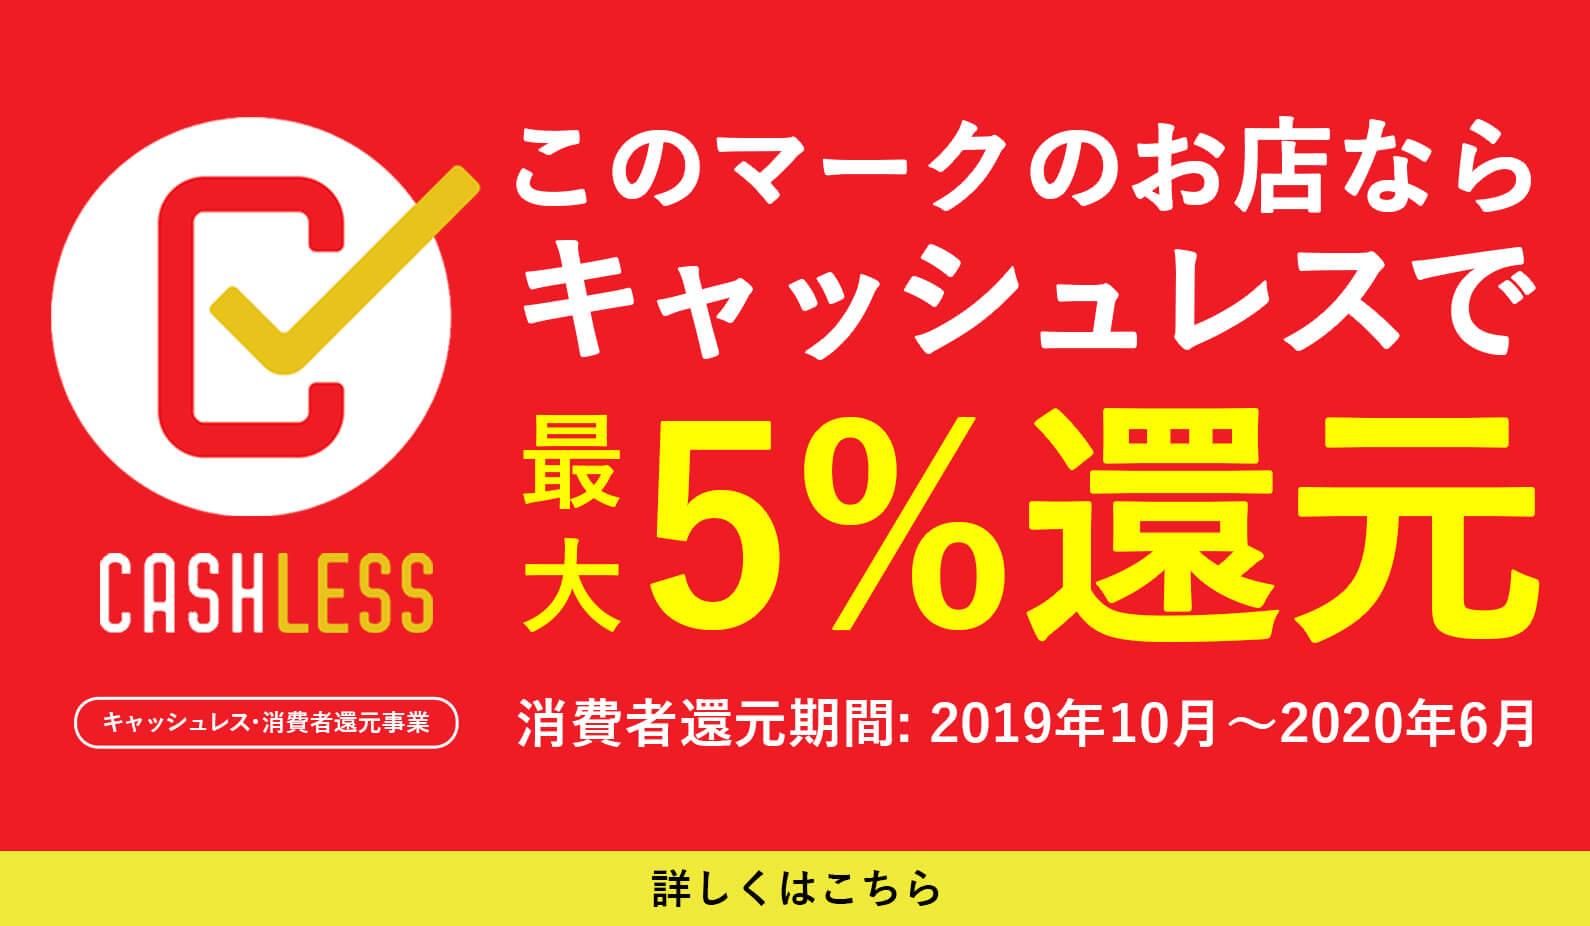 このマークのお店ならキャッシュレスで最大5%還元 消費者還元期間:2019年10月〜2020年6月